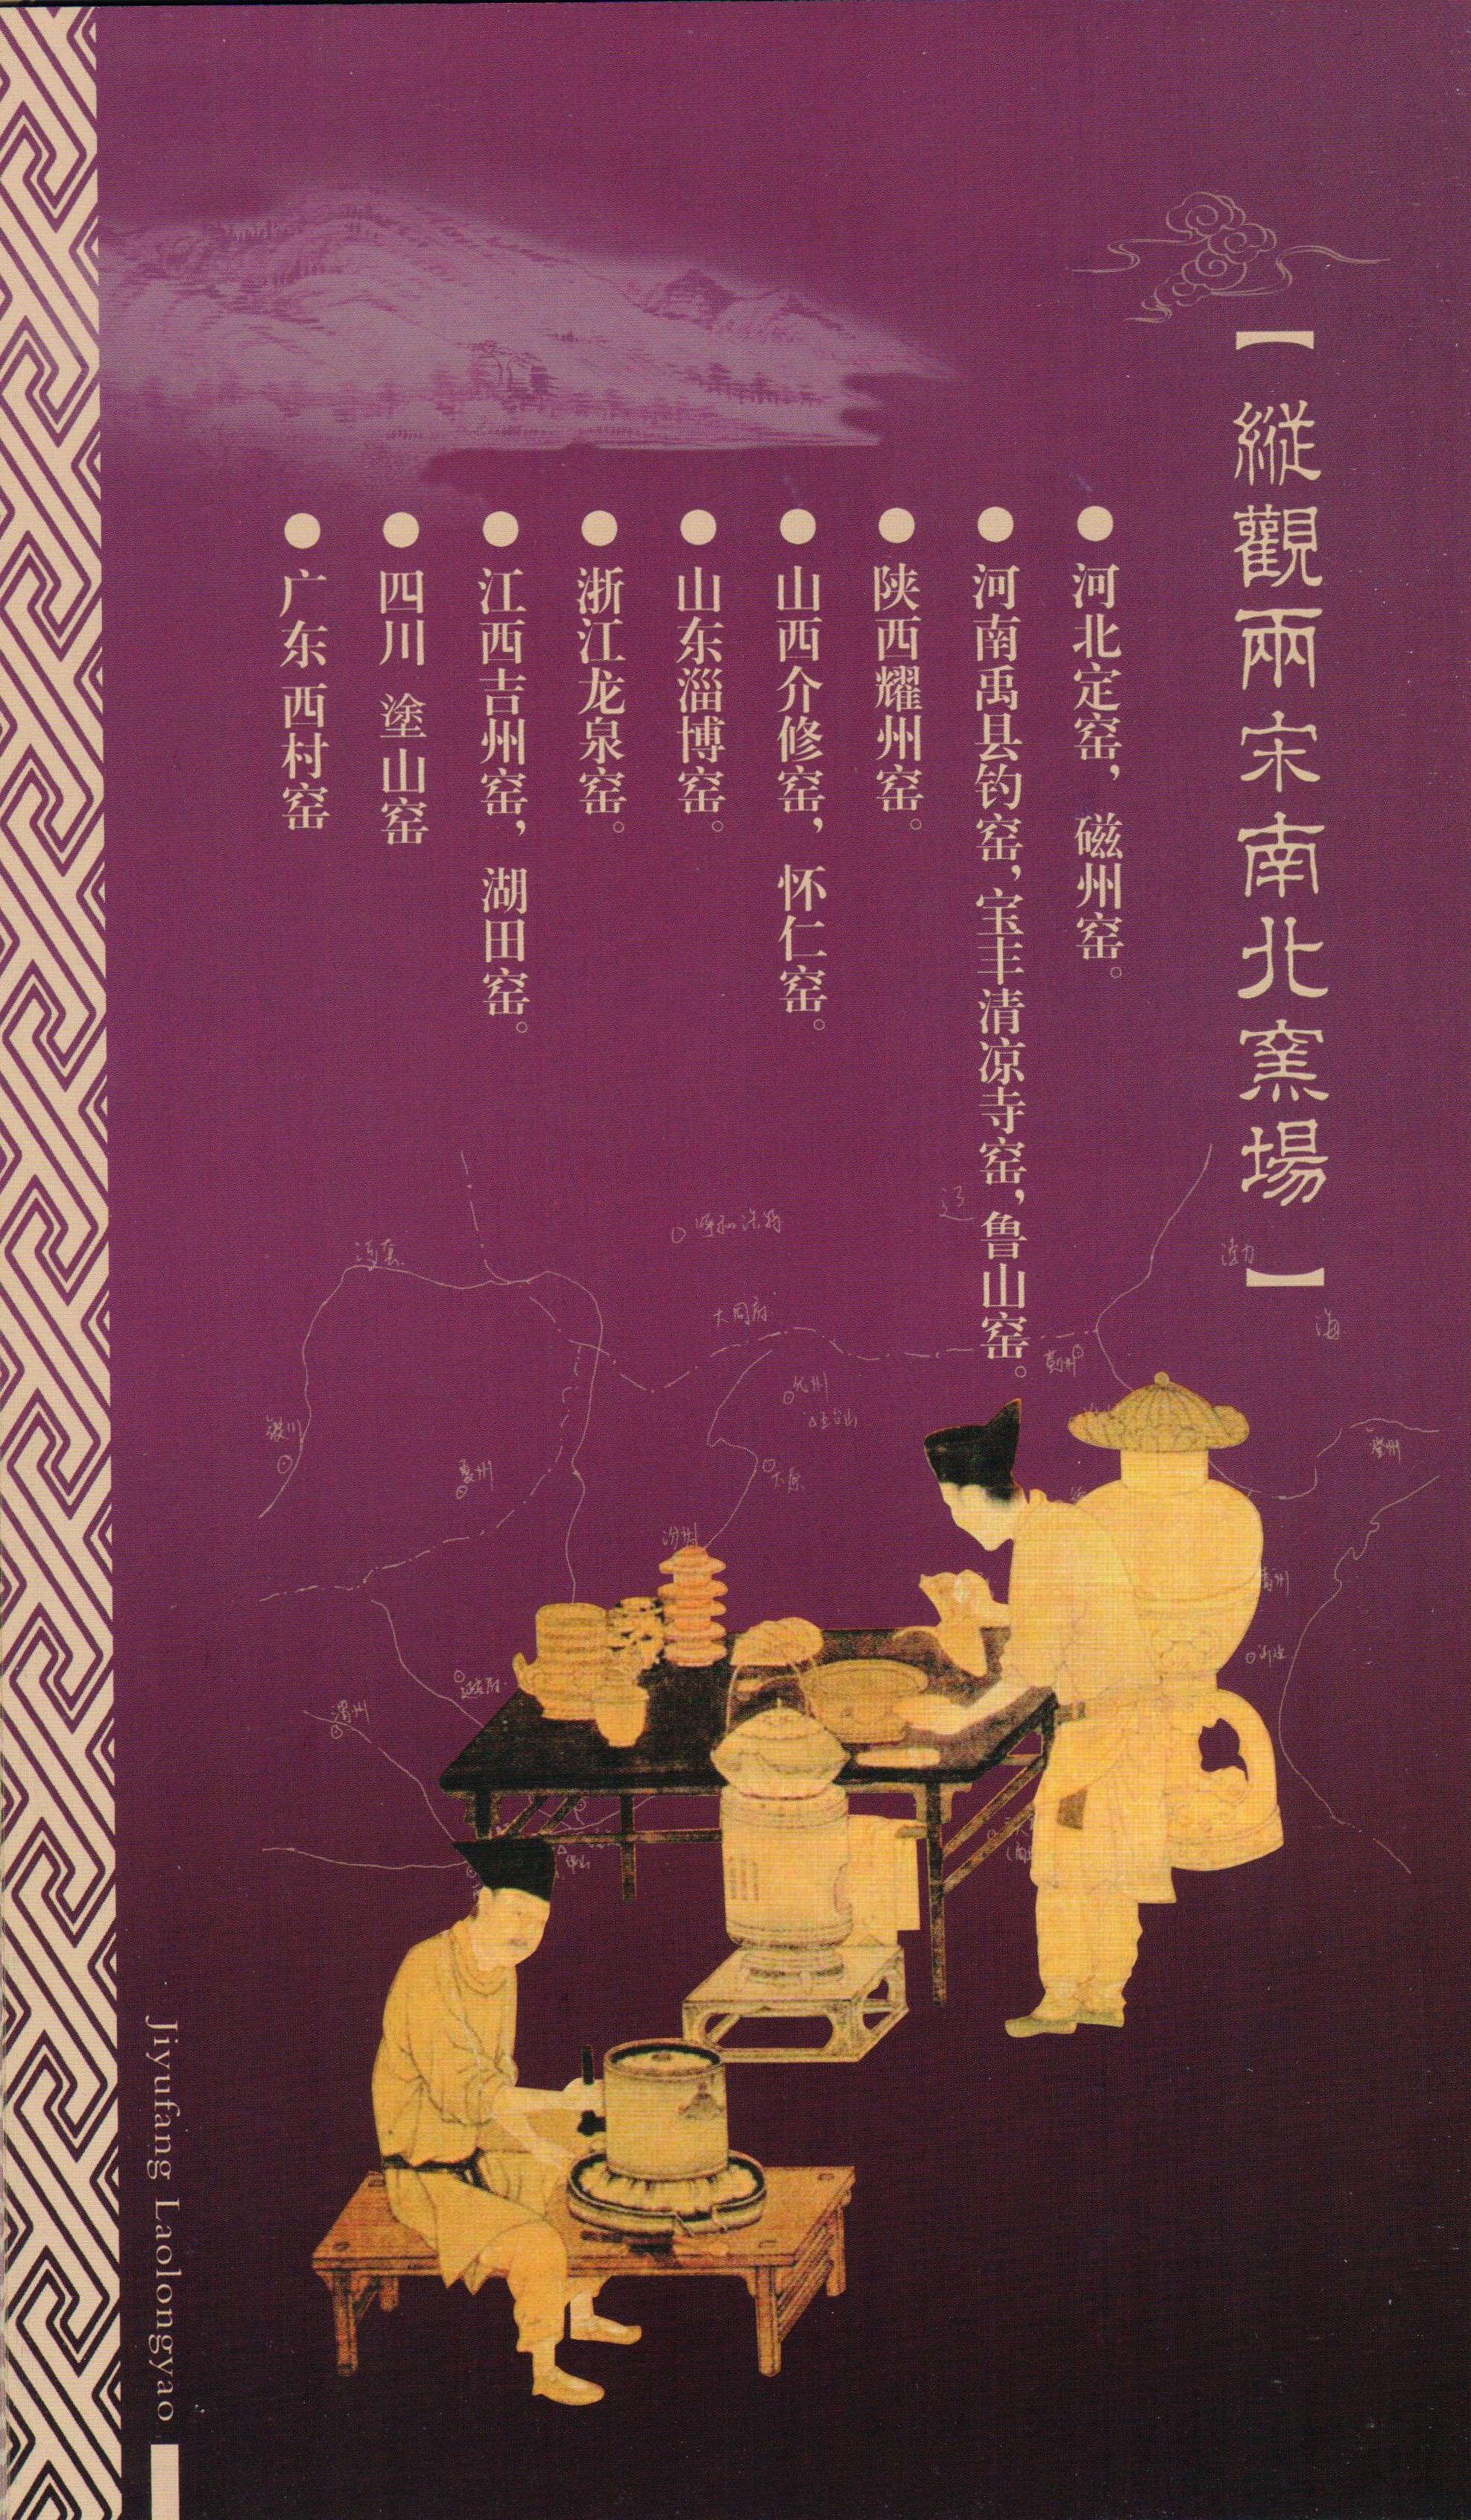 jiyufang_laolongyao-34